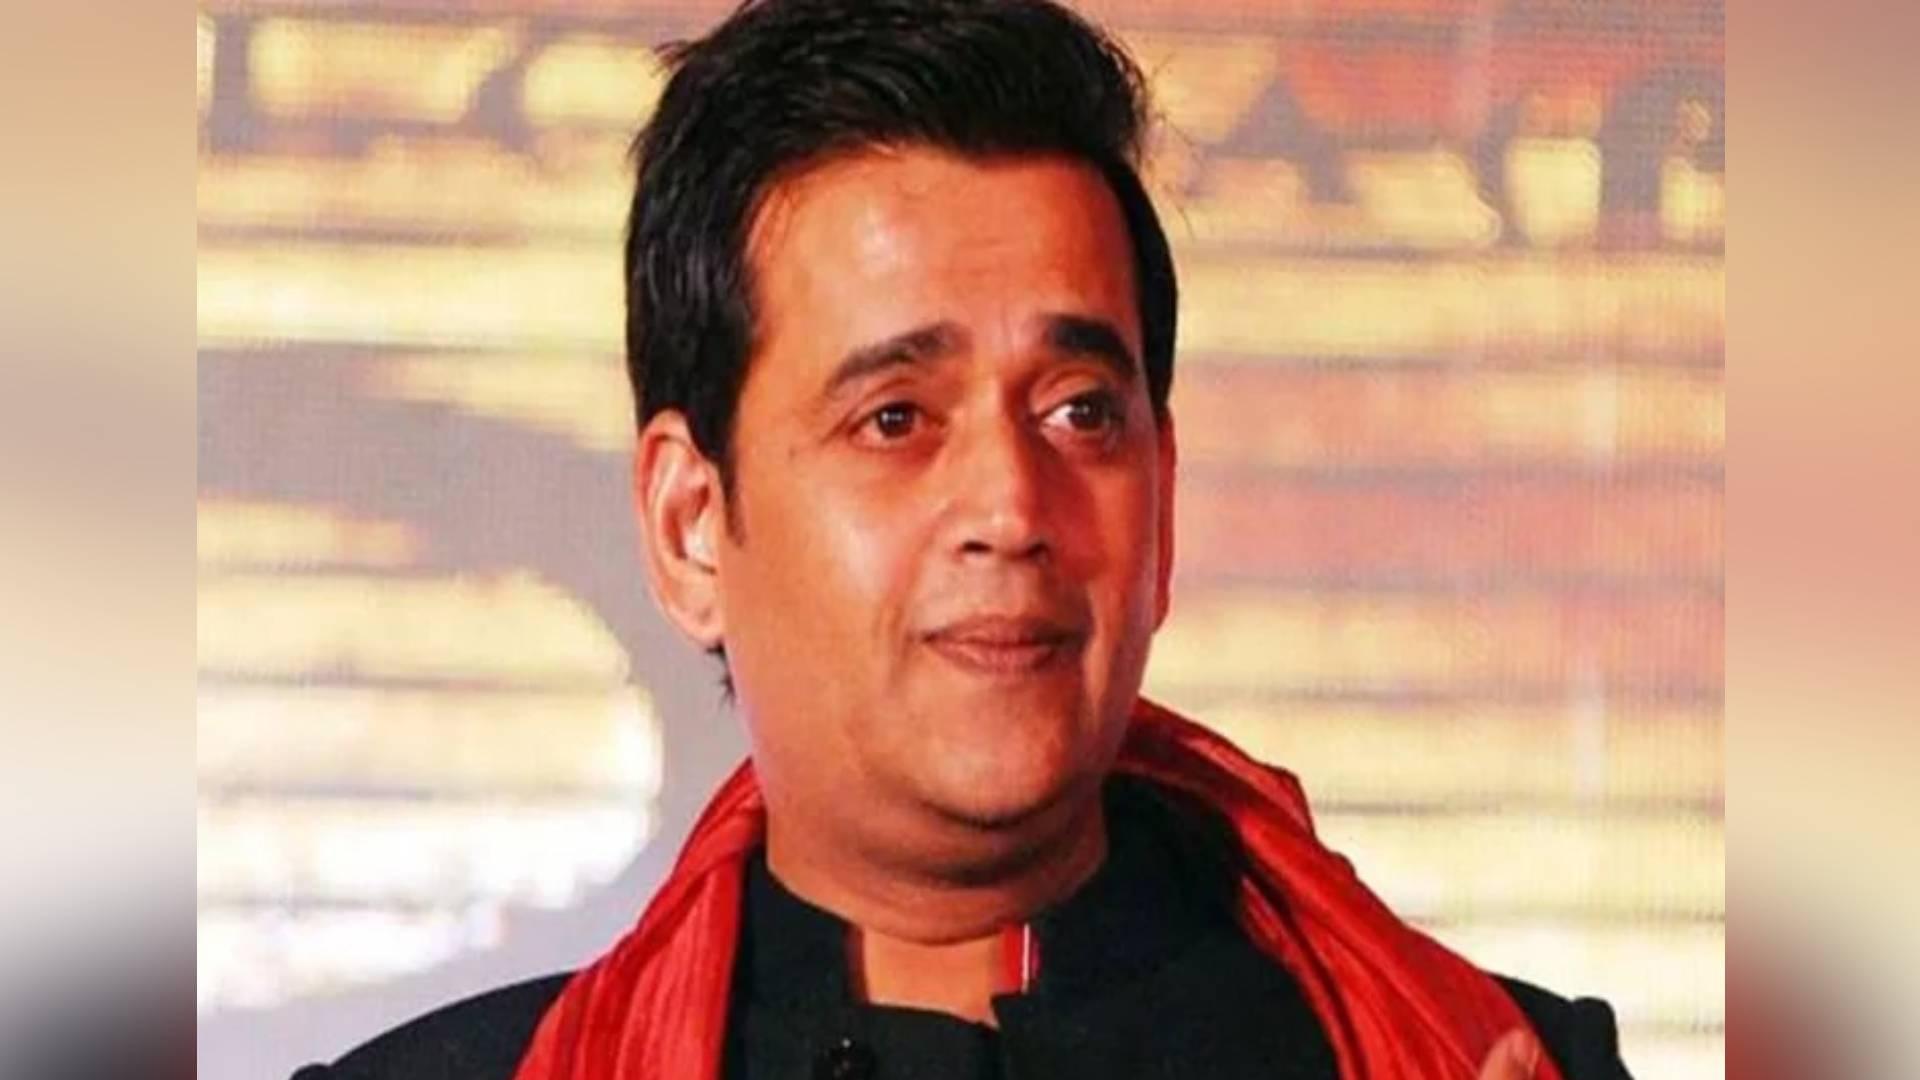 The Kapil Sharma Show: अनुराग कश्यप की इस फिल्म का हिस्सा न बनने का रवि किशन को है पछताव, ऐसे रखी दिल की बात